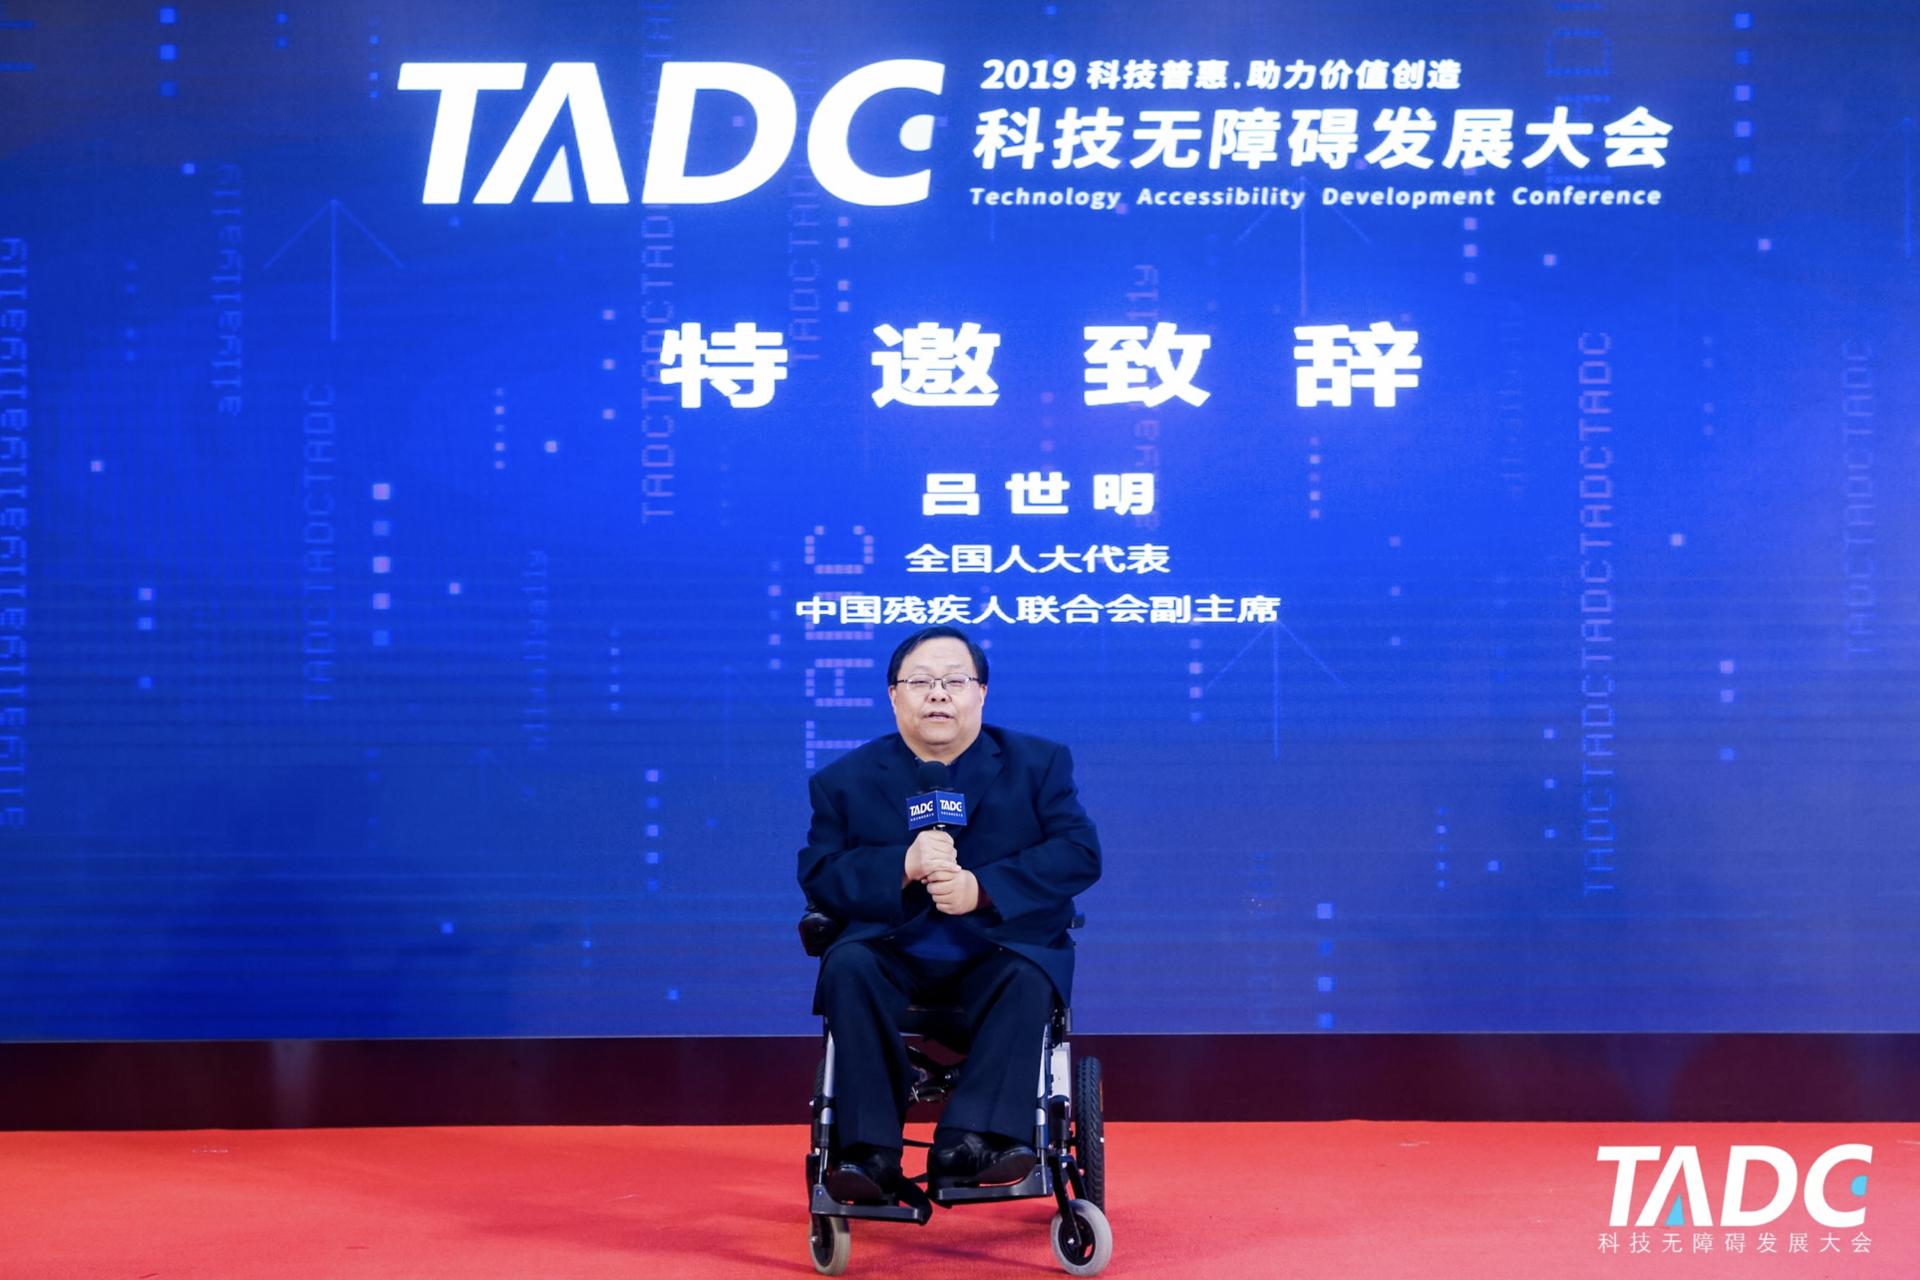 中国残疾人联合会无障碍环境促进办公室主任吕世明先生致辞